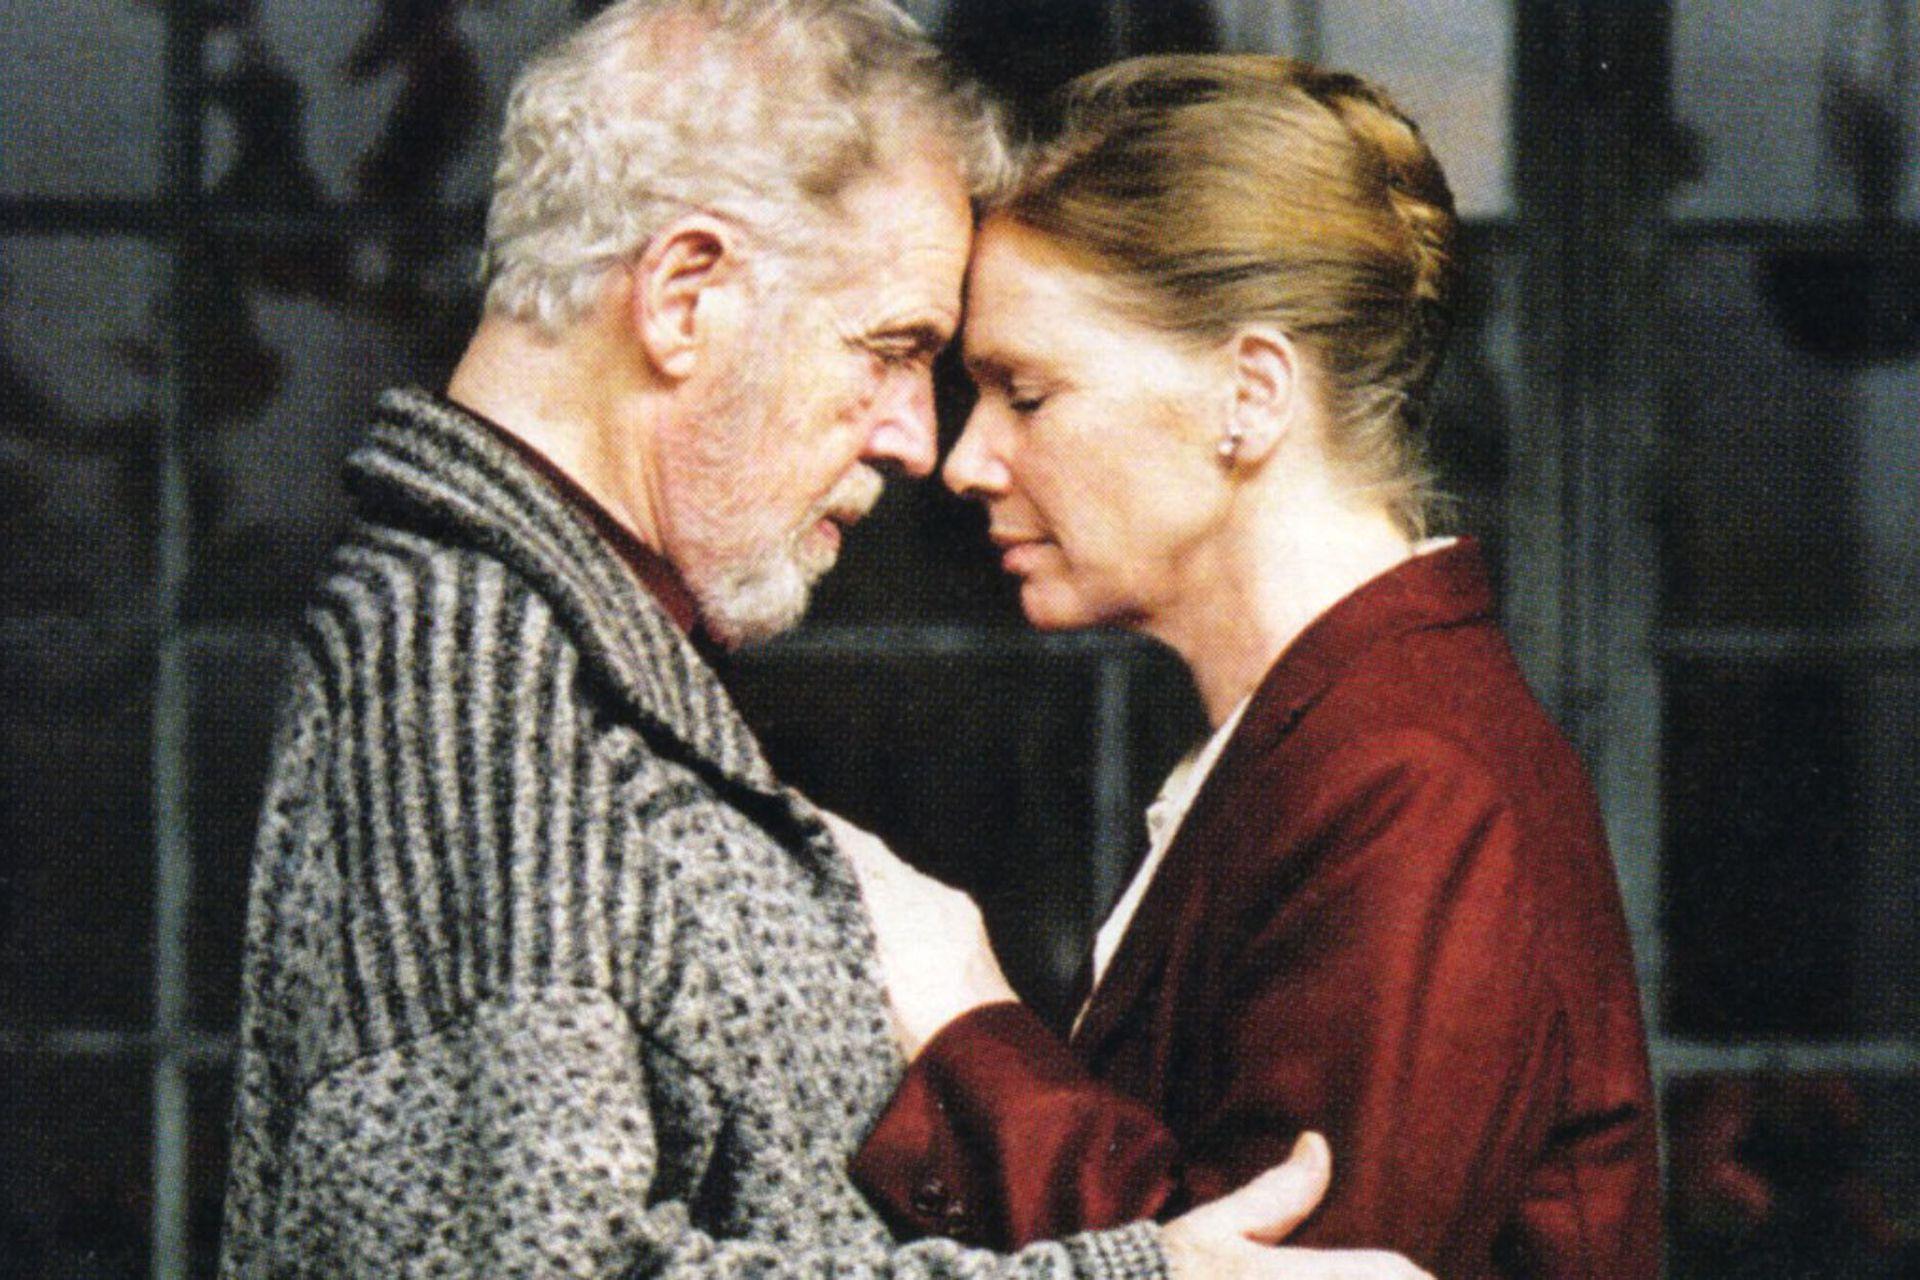 Sarabanda, la despedida cinematográfica del cineasta sueco, en 2003